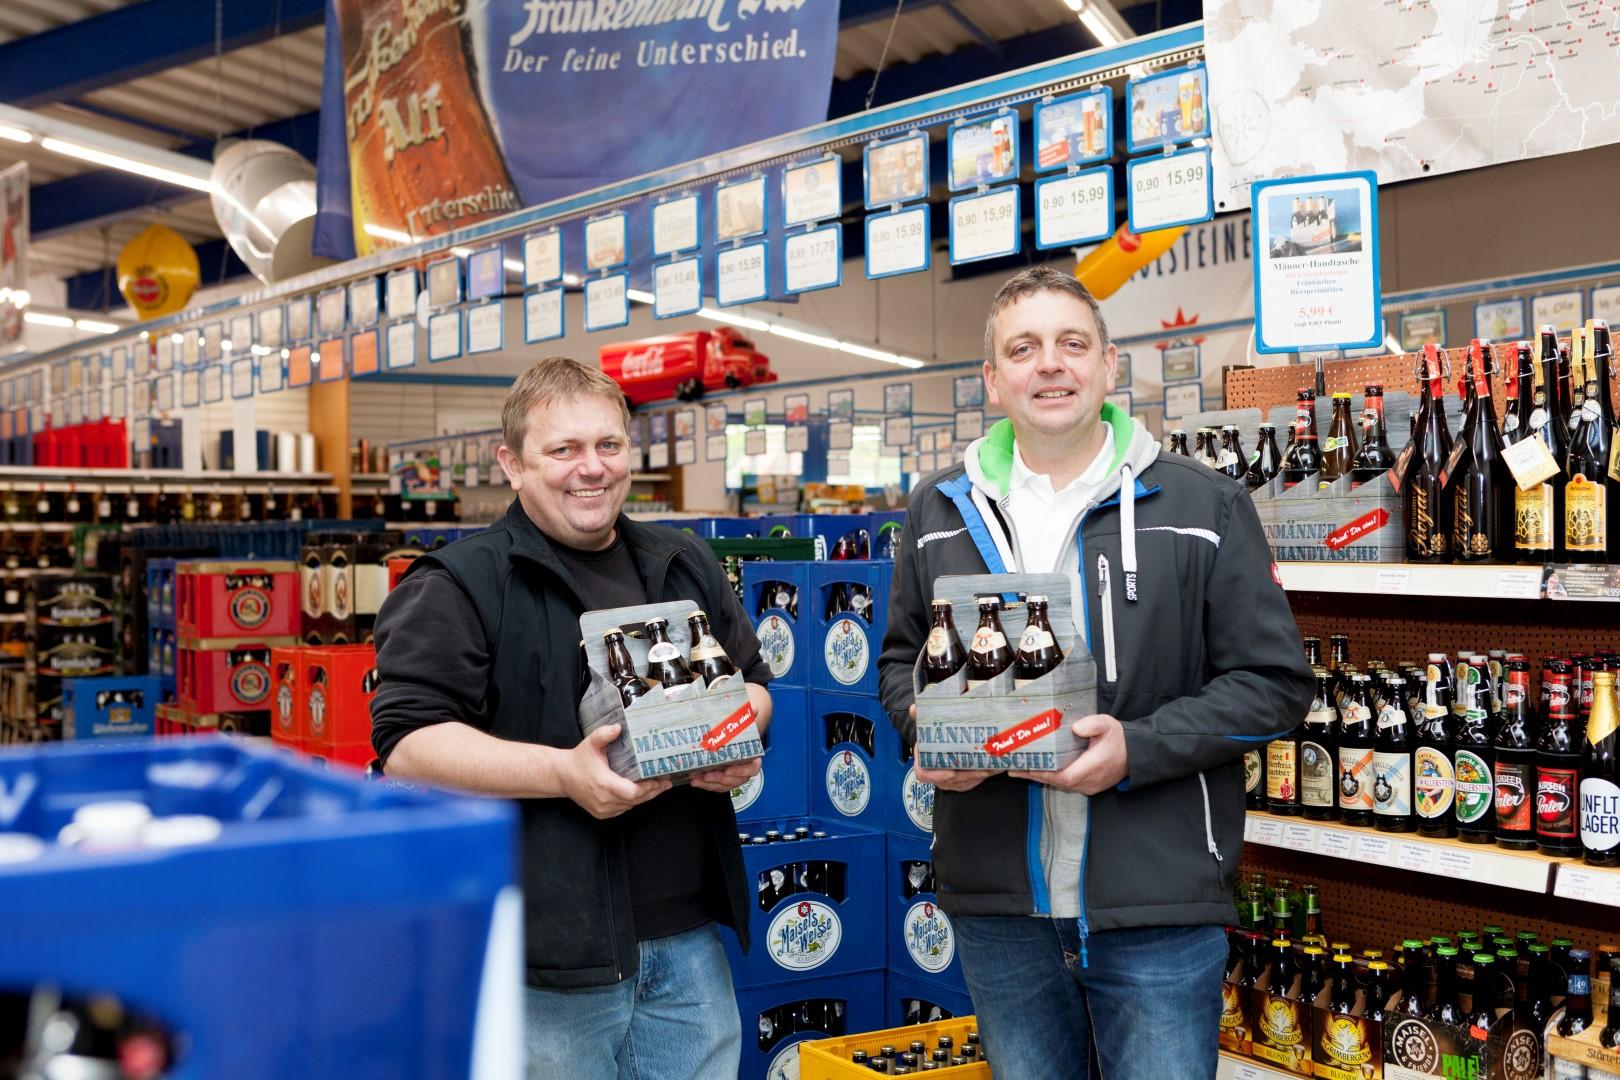 Vom Garagenverkauf zum Getränkegroßhandel: Das Familienunternehmen ...